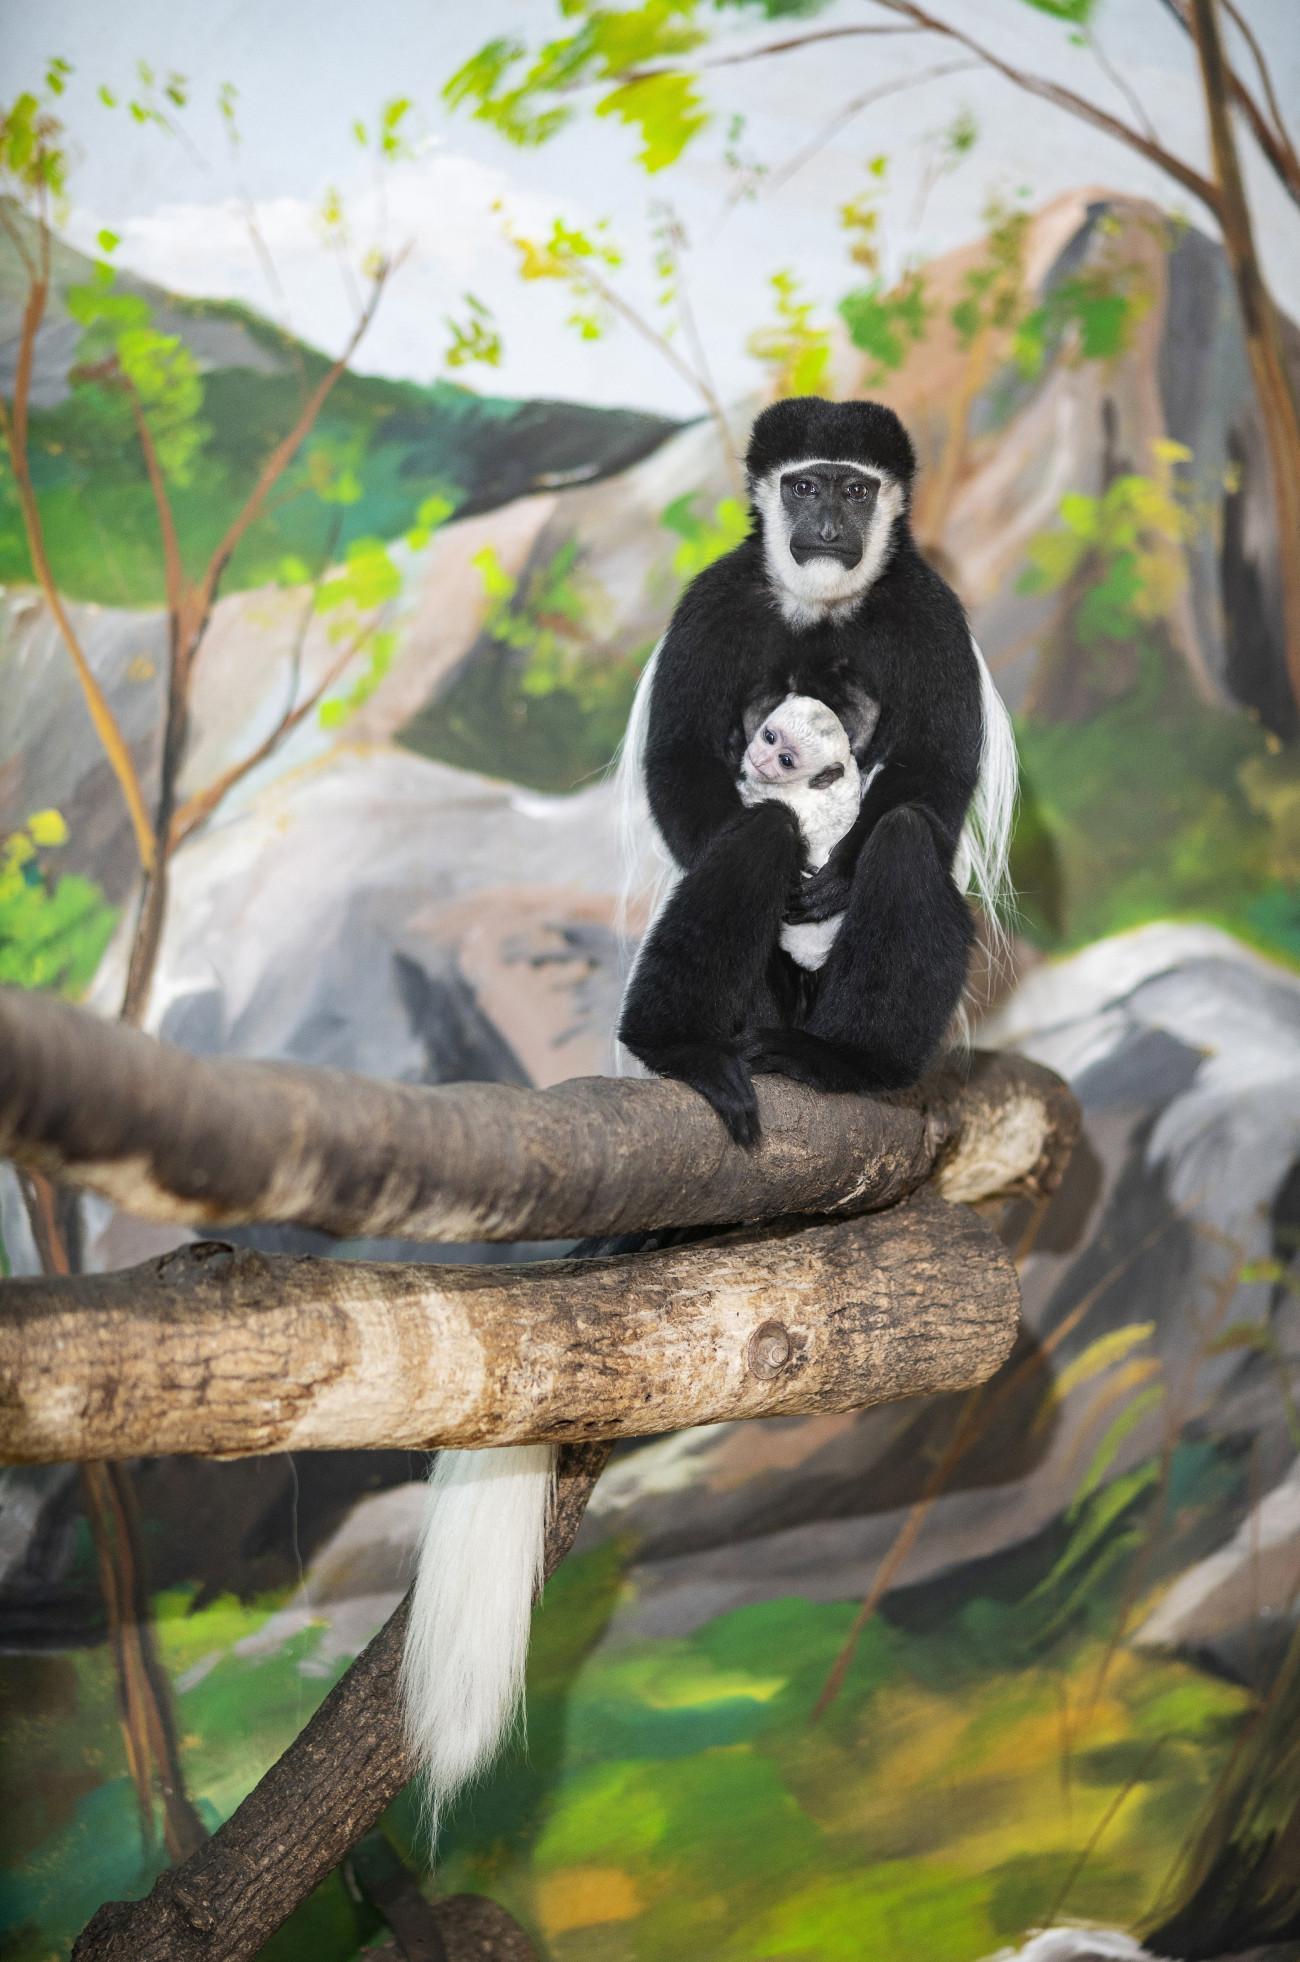 Nyíregyháza, 2021. április 28. A Nyíregyházi Állatparkban tizenhat napja született zászlósfarkú gereza (Colobus guereza) kapaszkodik anyjába 2021. április 28-án. A Közép-Afrika egyenlítői területein élő főemlősöket feltűnő megjelenésük miatt száz évvel ezelőtt csaknem a kipusztulás fenyegette. Fehér szőrgallérjukat az afrikai törzsek fejdísz készítésére használták, és Európában is nagy volt a kereslet a bundájuk iránt. A védelmi intézkedéseknek köszönhetően mára állományuk stabilnak mondható, de a faj fennmaradását napjainkban is az orvvadászat és az élőhelyek elvesztése veszélyezteti. MTI/Balázs Attila